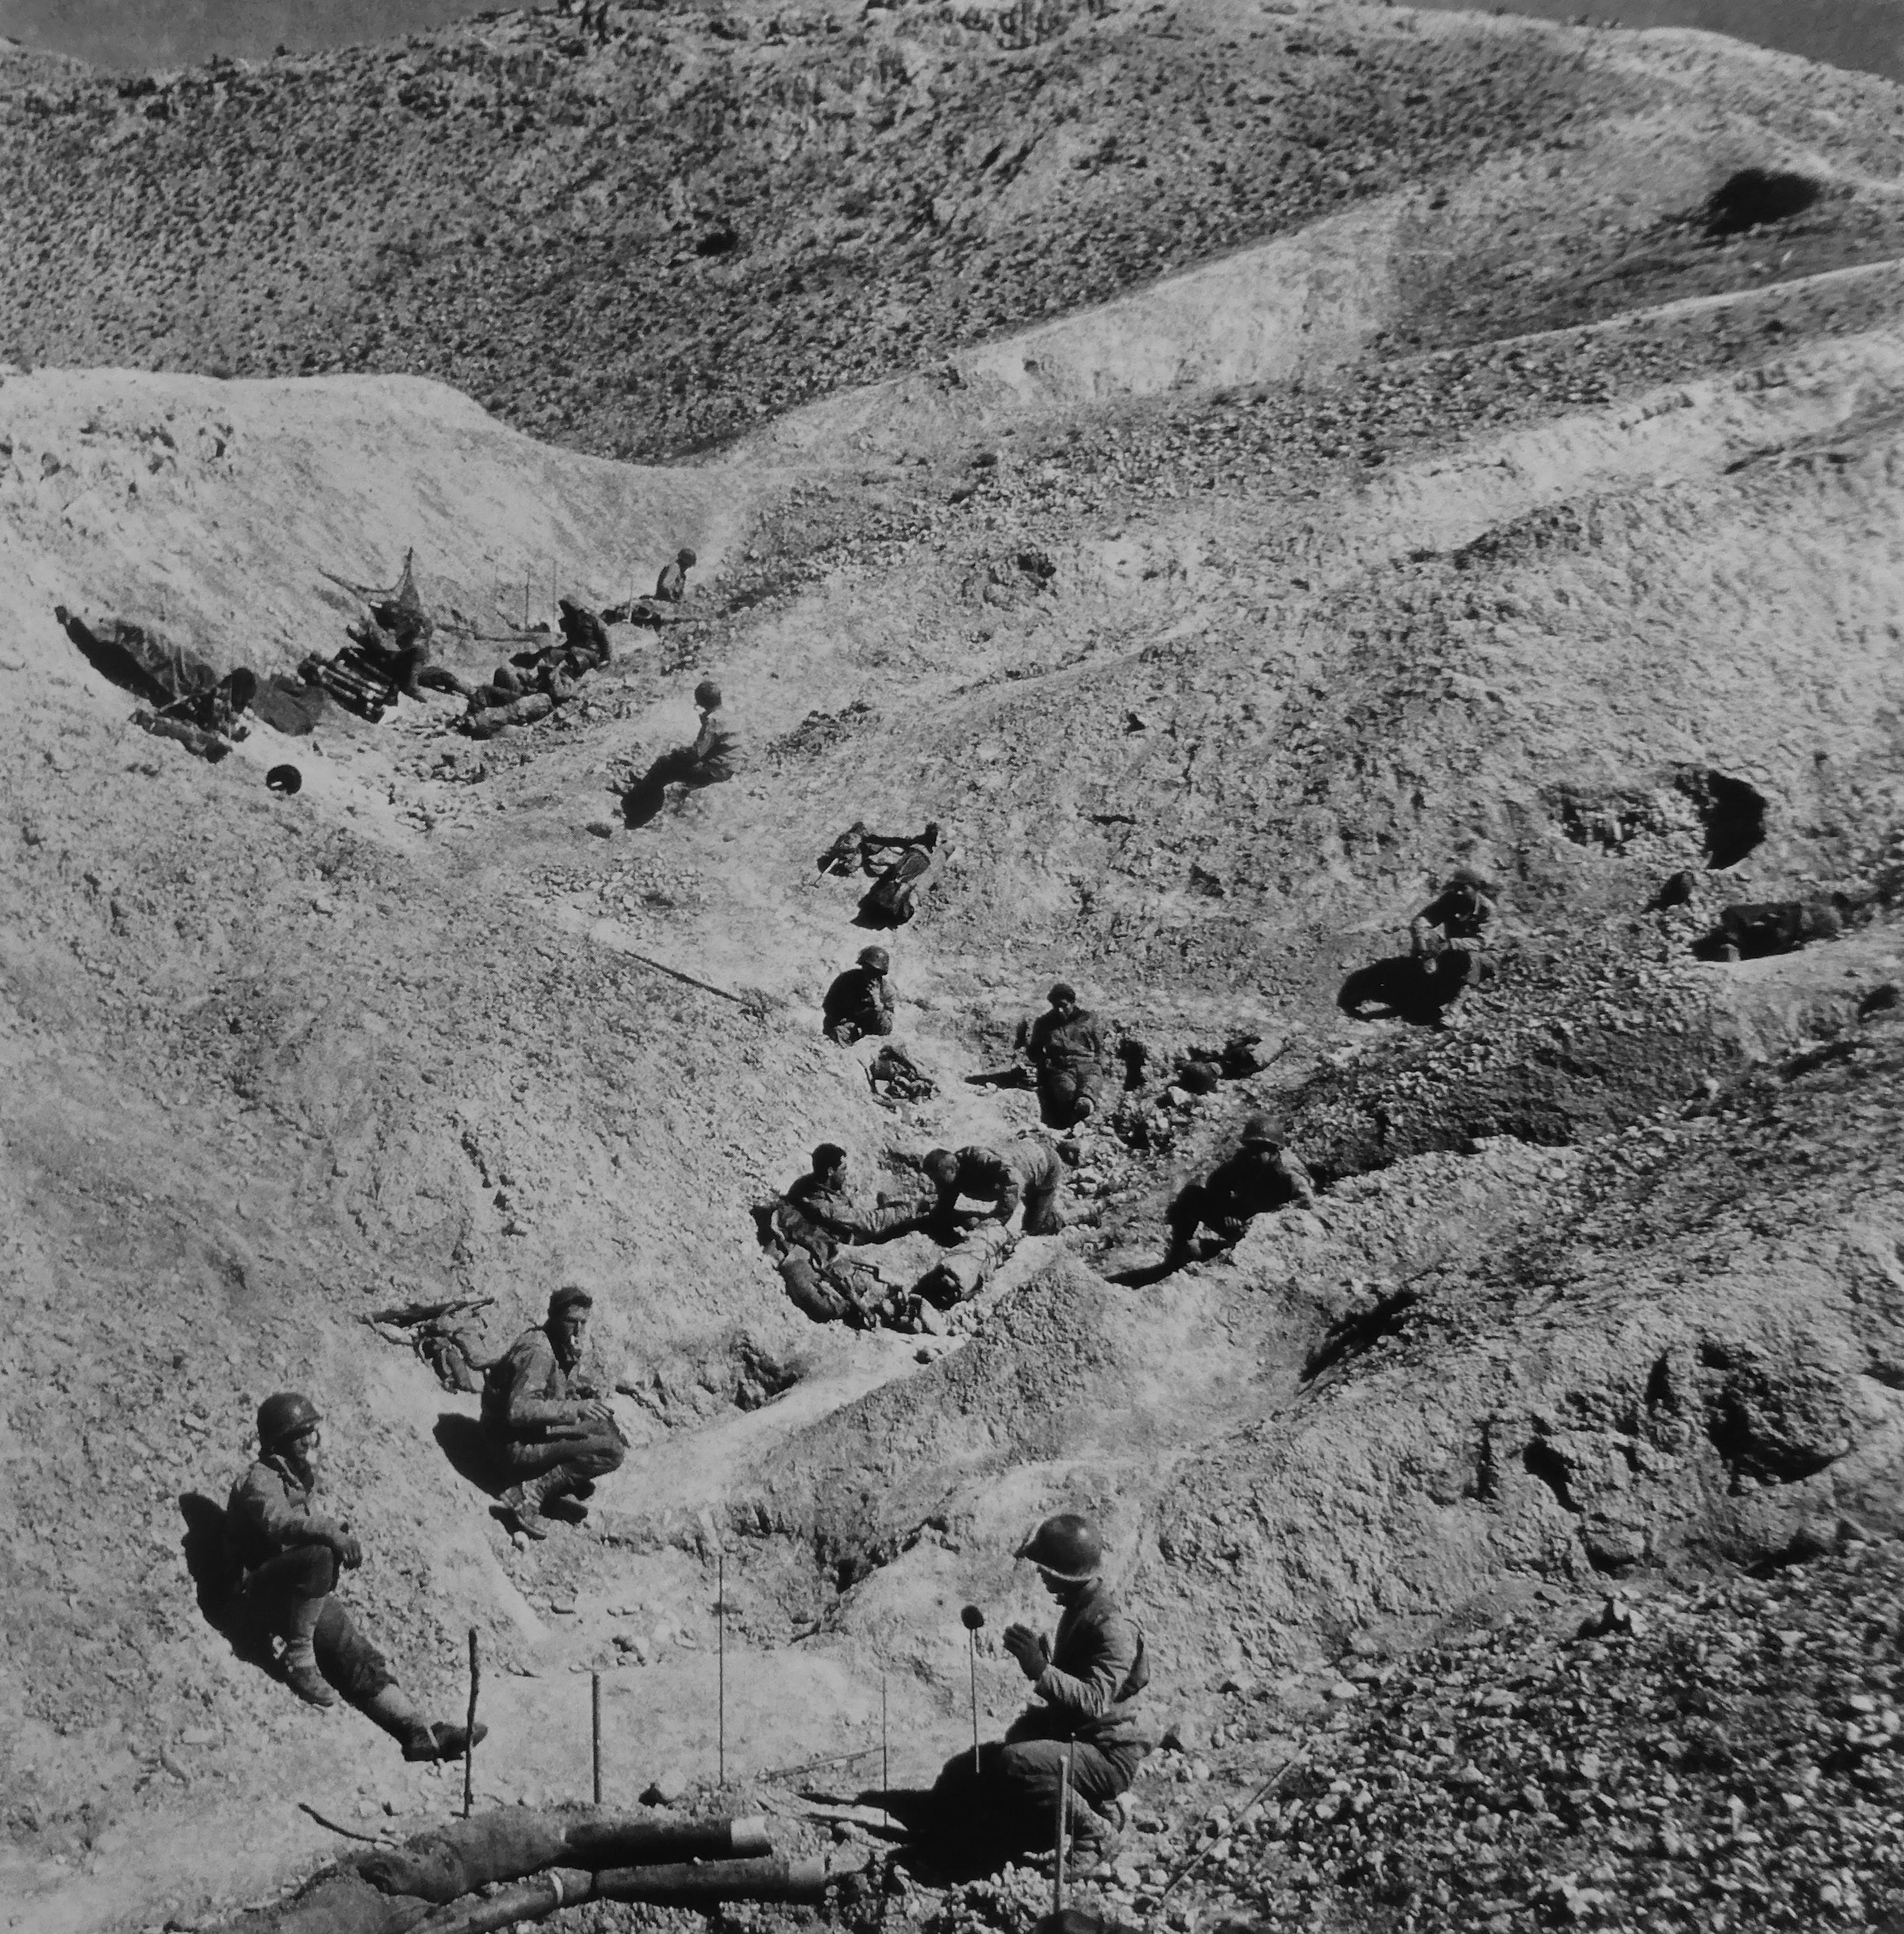 Солдаты 16-го пехотного полка США на привале в горах вблизи города Кассерин в Тунисе